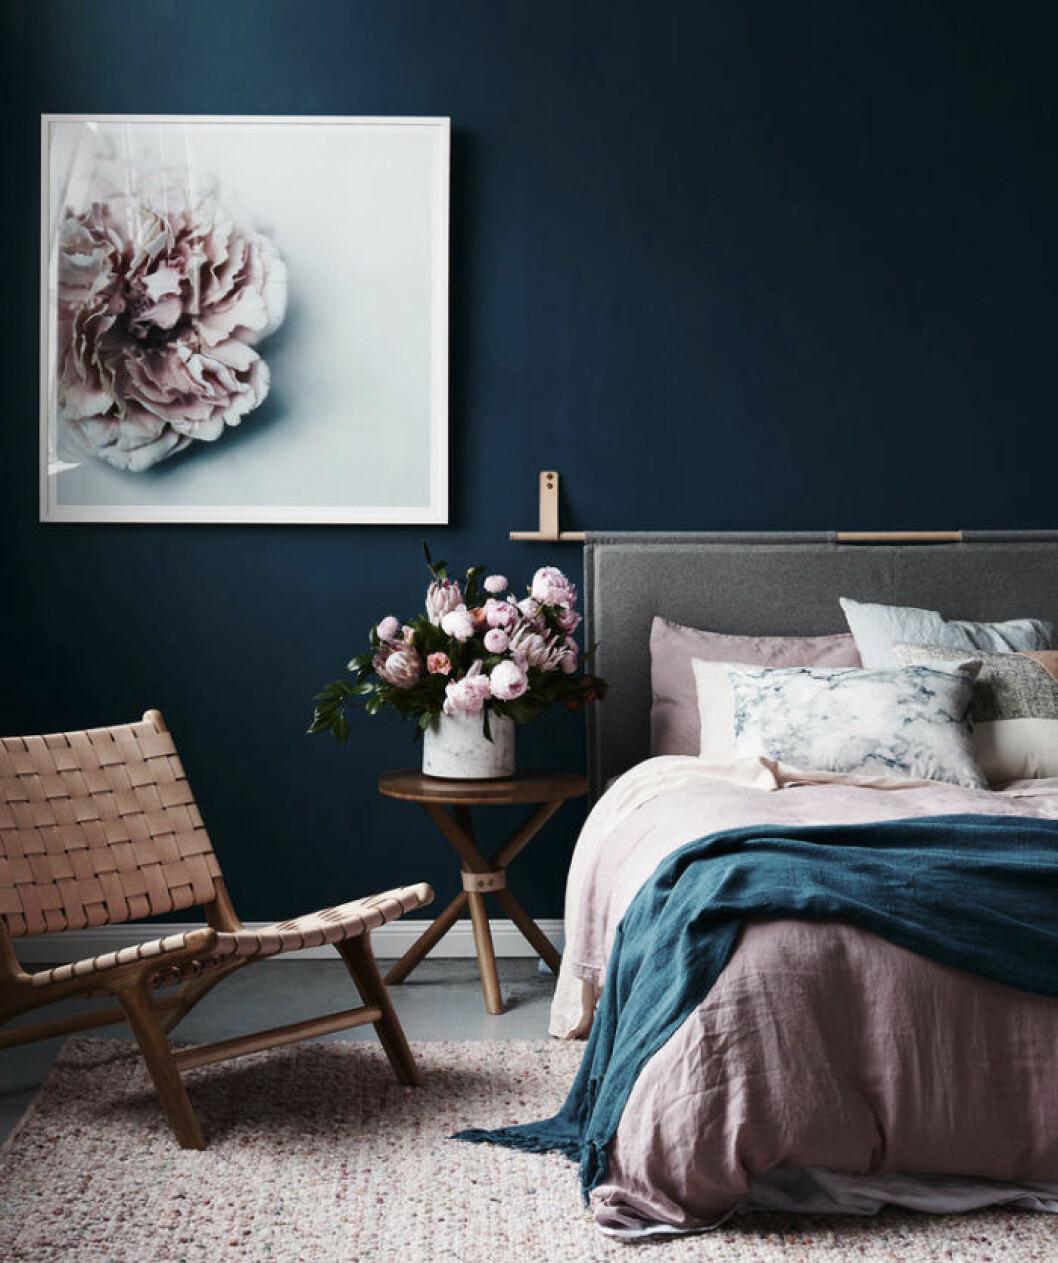 Sovrum med blåa väggar och rosa pioner i en vas på sängbordet